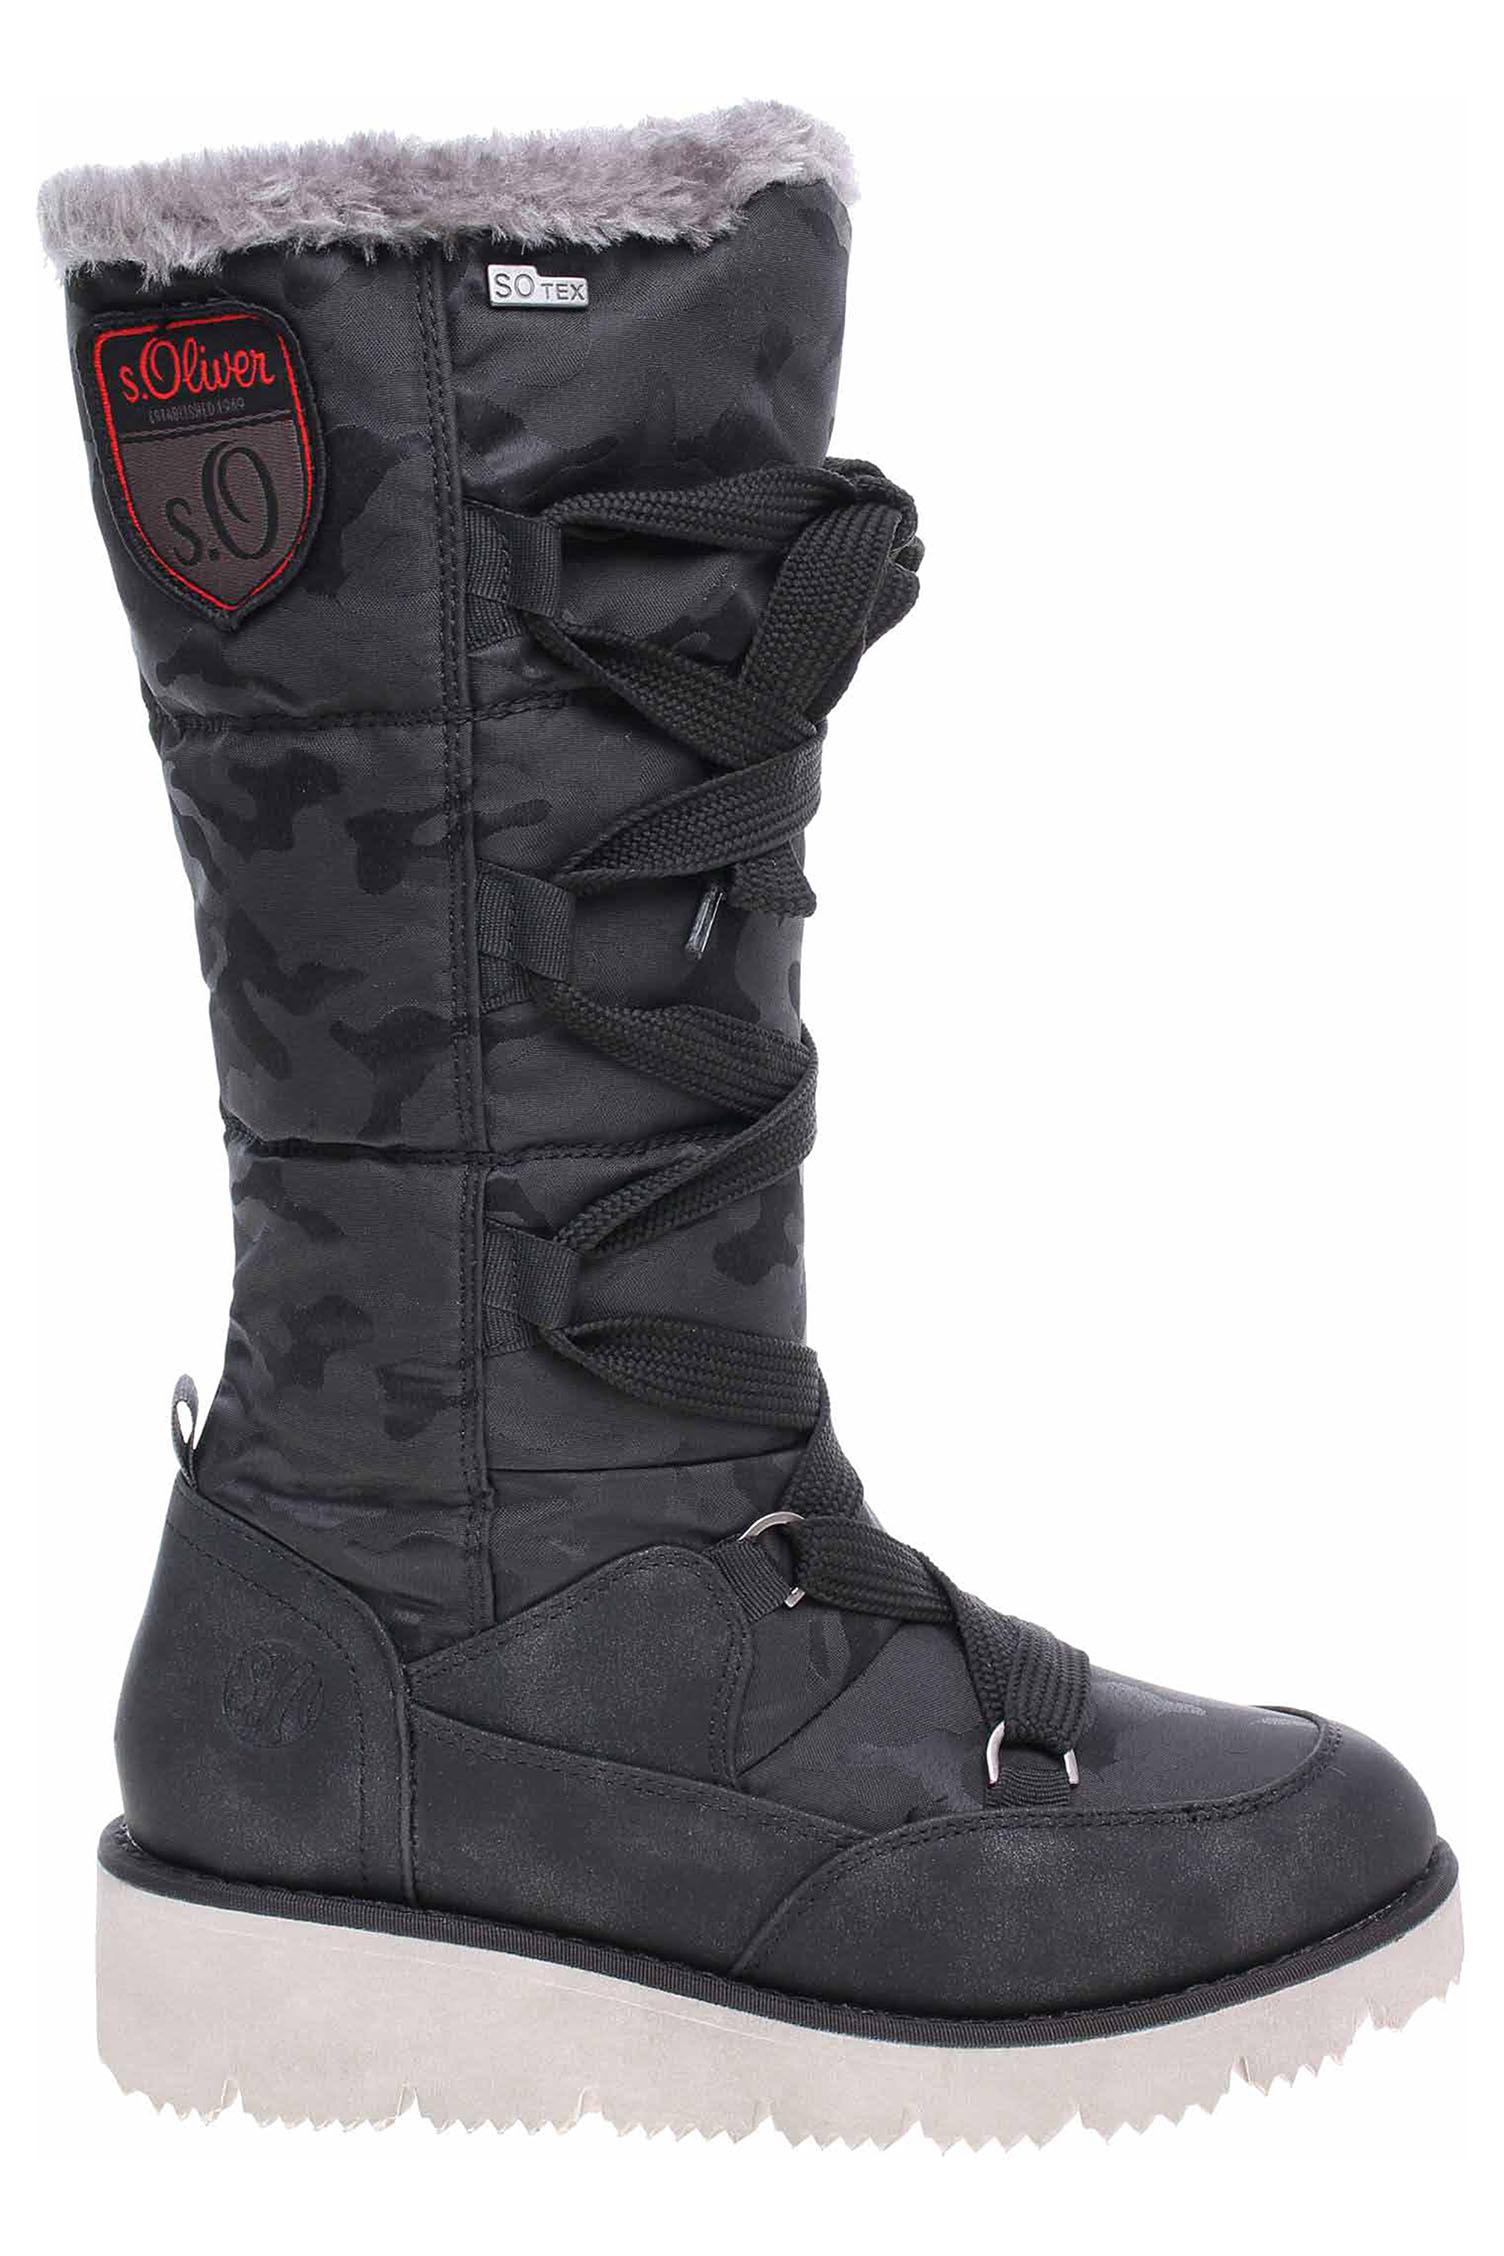 s.Oliver dámská obuv 5-26614-31 black 5-5-26614-31 001 - Glami.sk 2b849cb5372